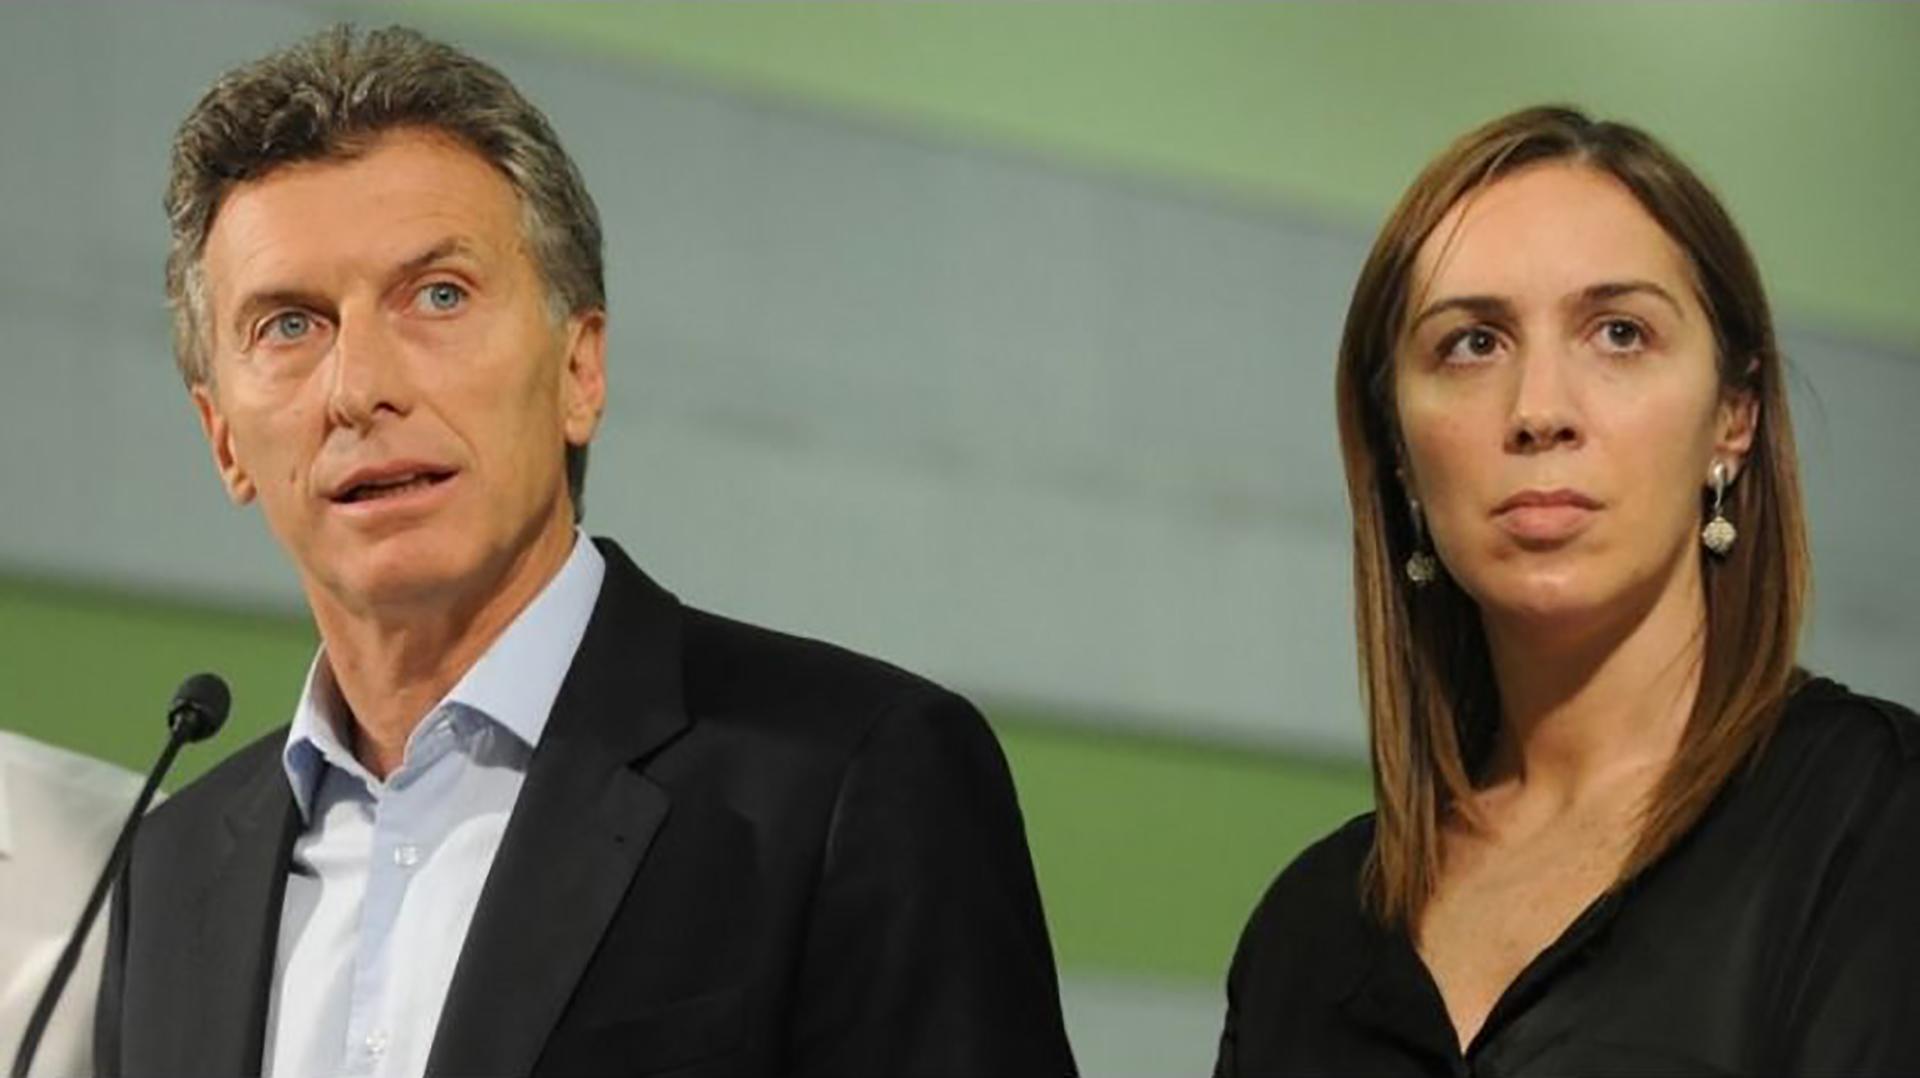 El presidente Macri, junto a la gobernadorea bonaerense, María Eugenia Vidal.